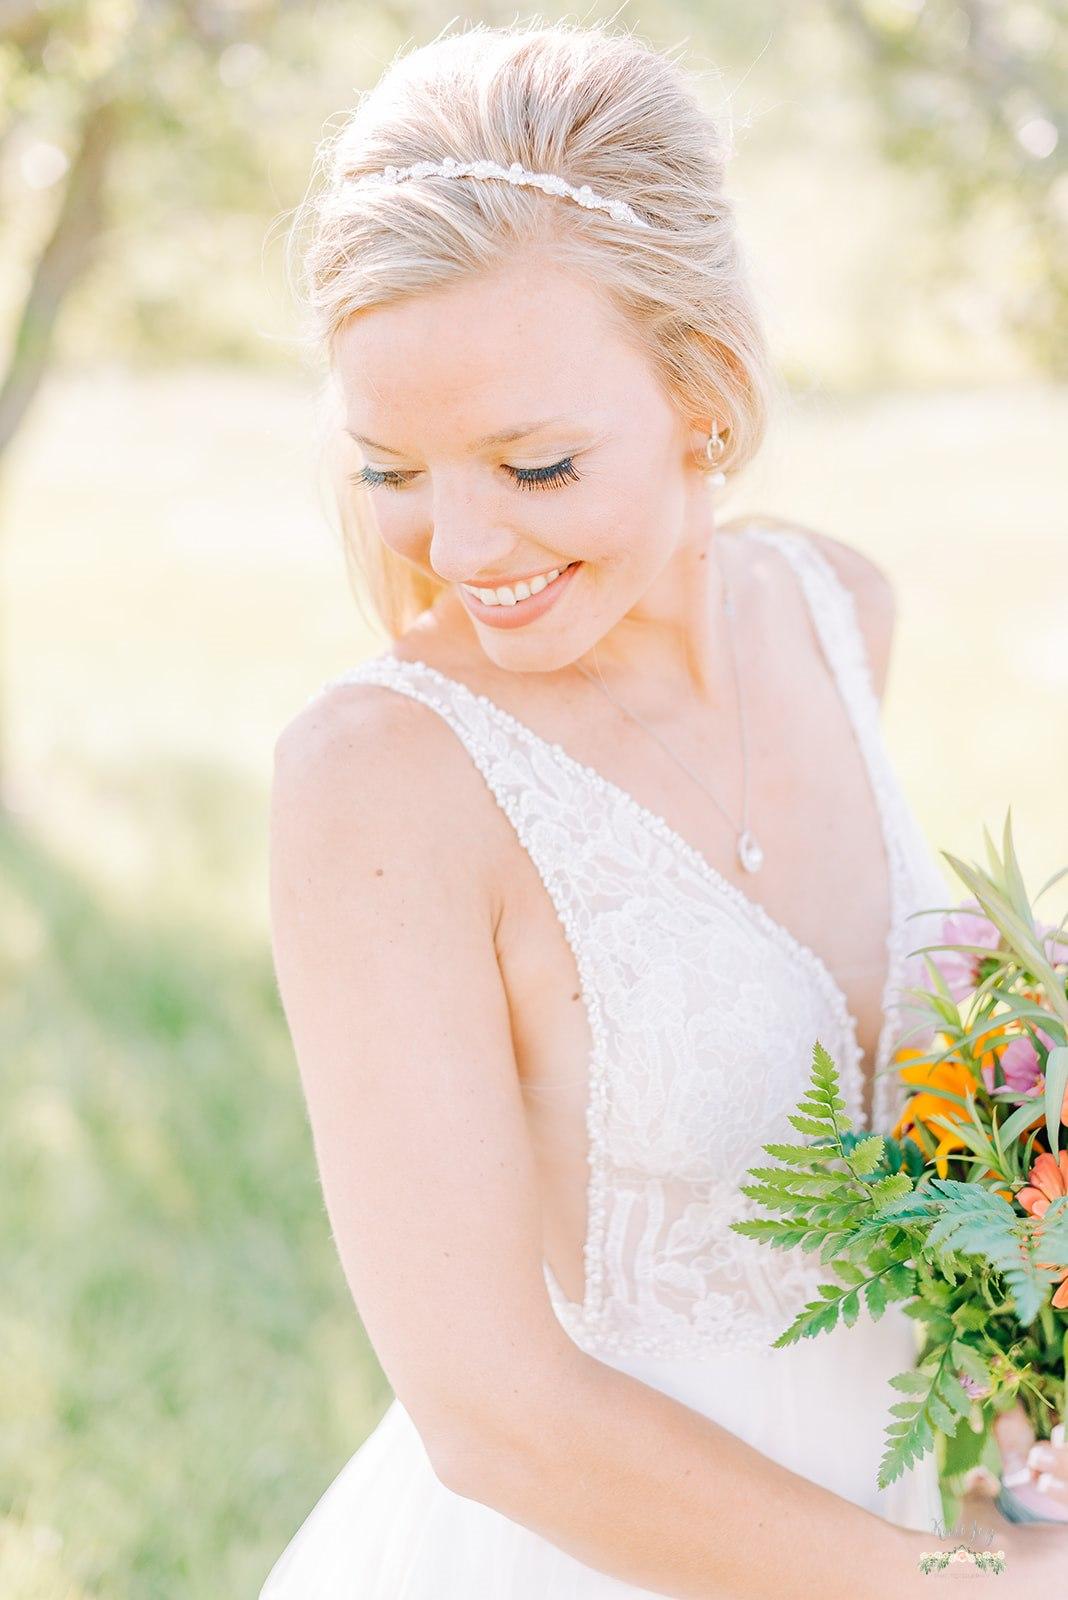 Elegant Bride, classic bridal portrait